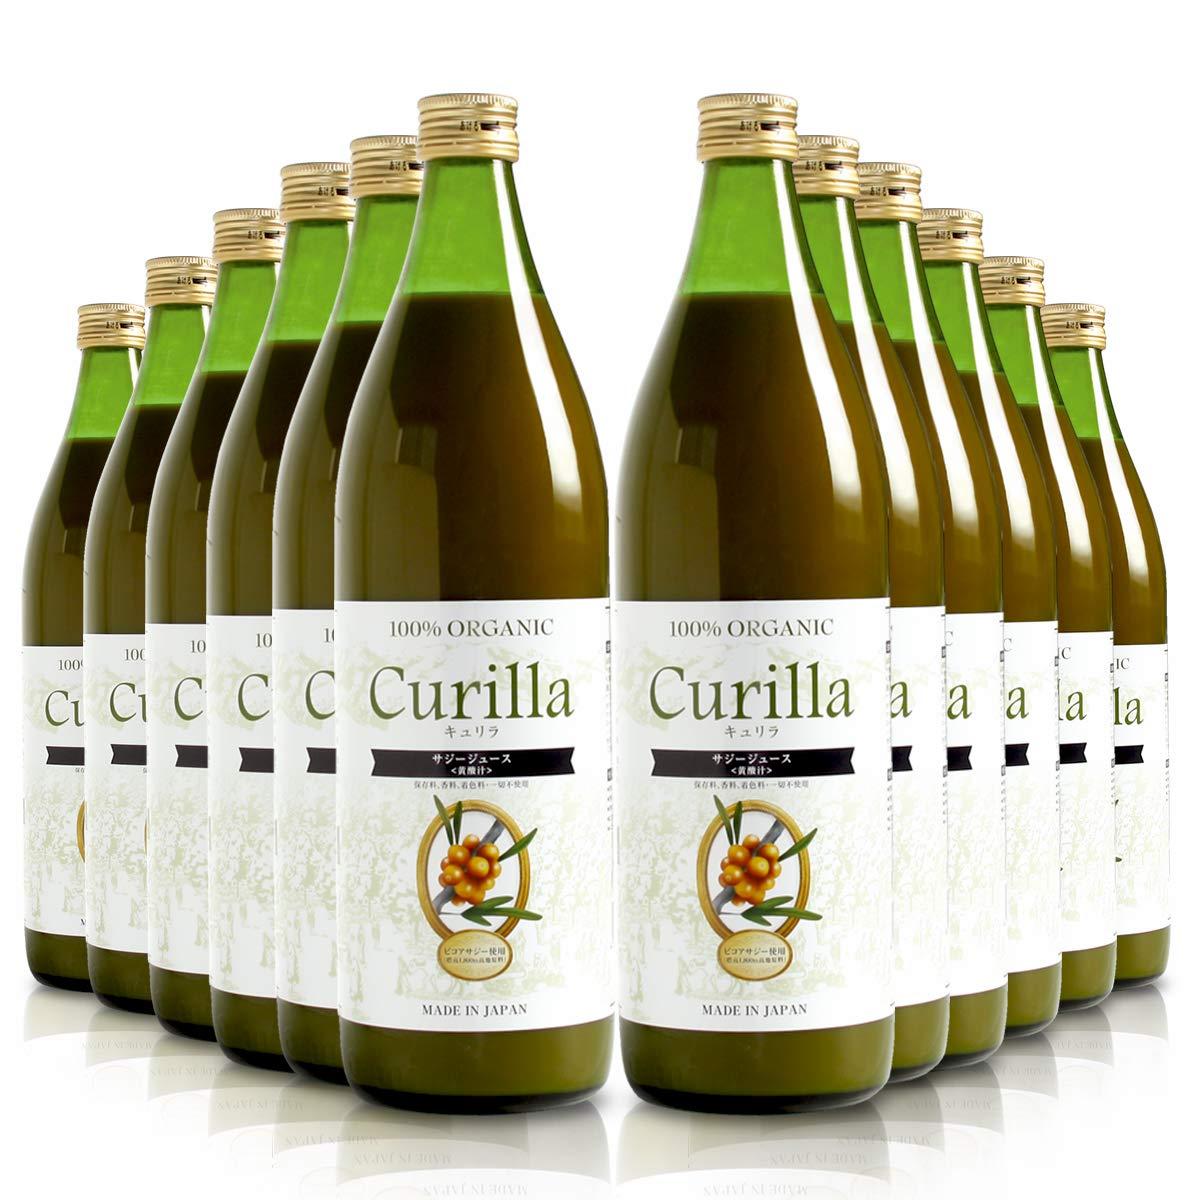 Curilla サジージュース 100%ストレート 900ml 900ml シーベリー 12本セット キュリラ サジー シーベリー 12本セット B07KCWLTW8:224026c6 --- capela.dominiotemporario.com